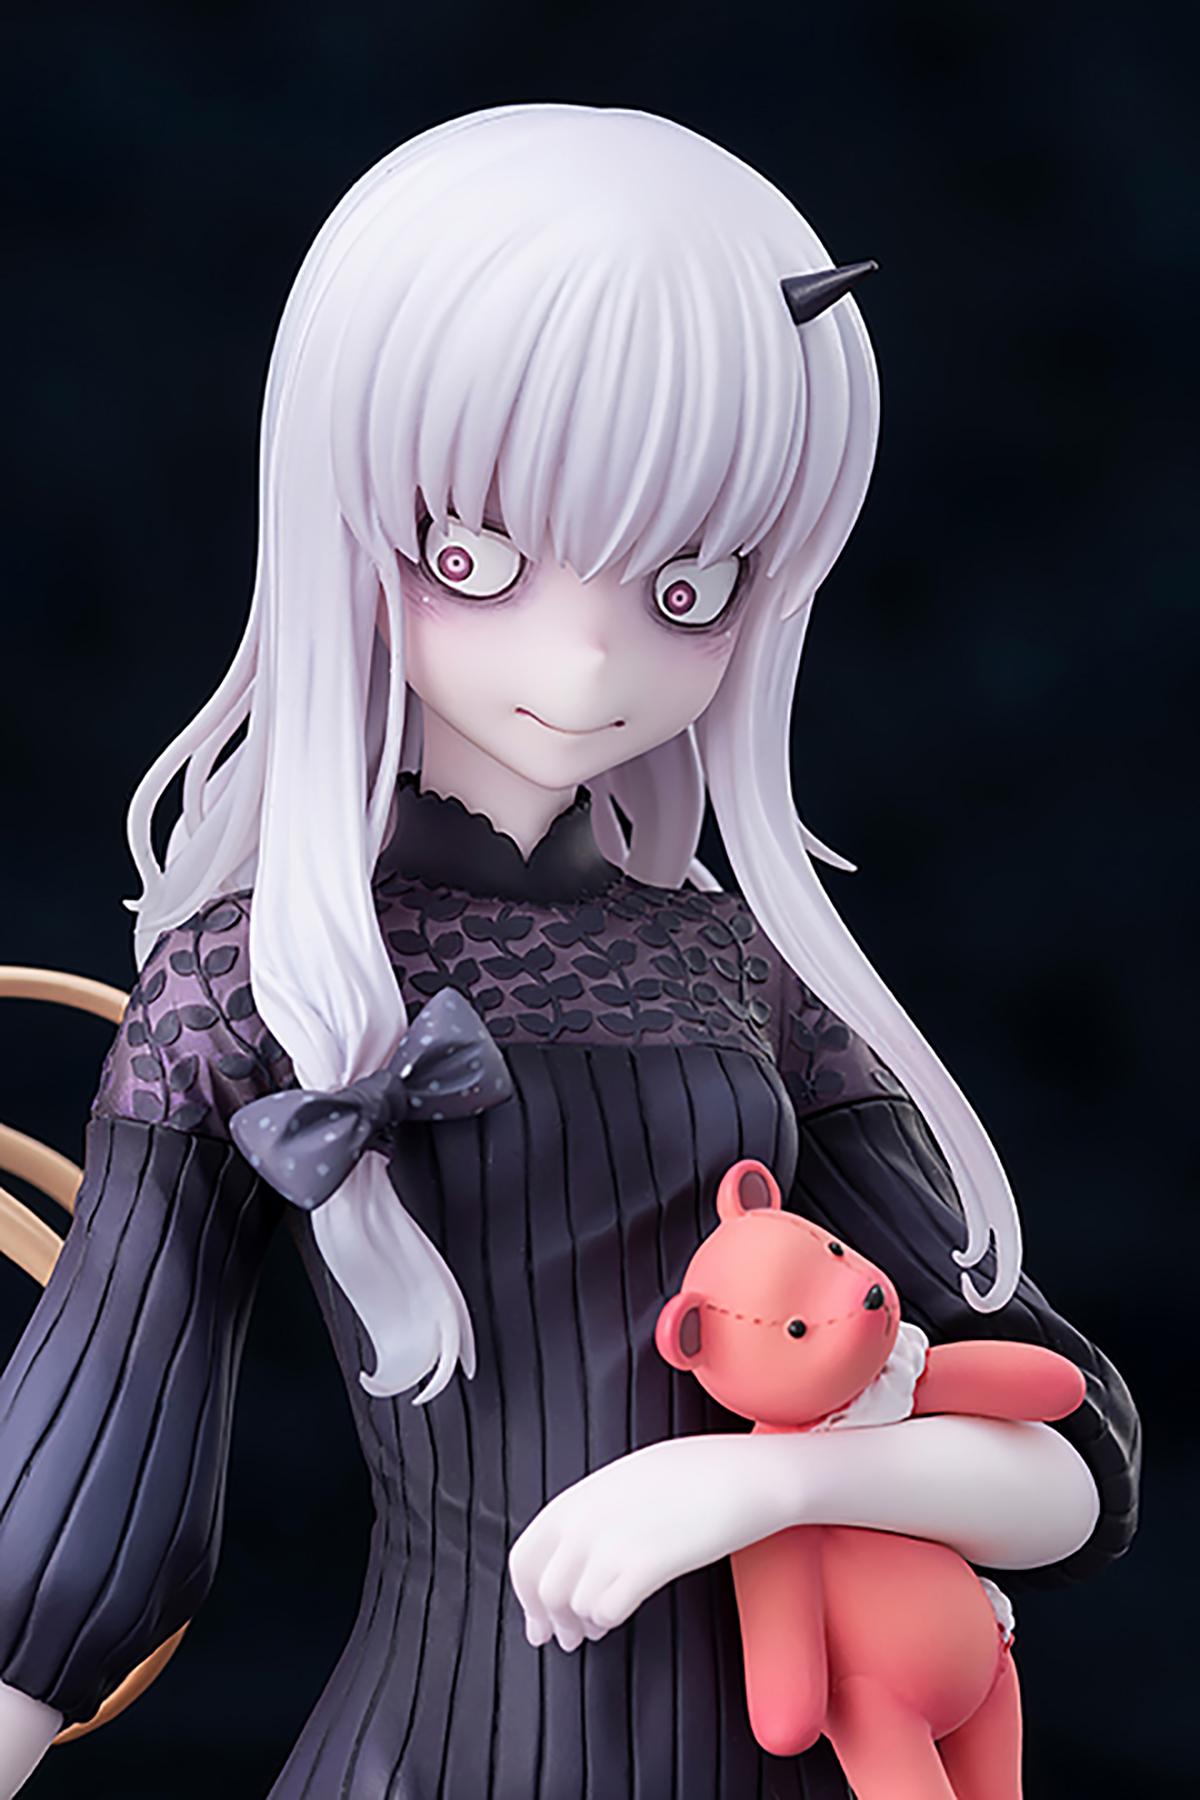 【限定販売】Fate/Grand Order『フォーリナー/アビゲイル・ウィリアムズ&ラヴィニア・ウェイトリー セット』1/7 完成品フィギュア-005